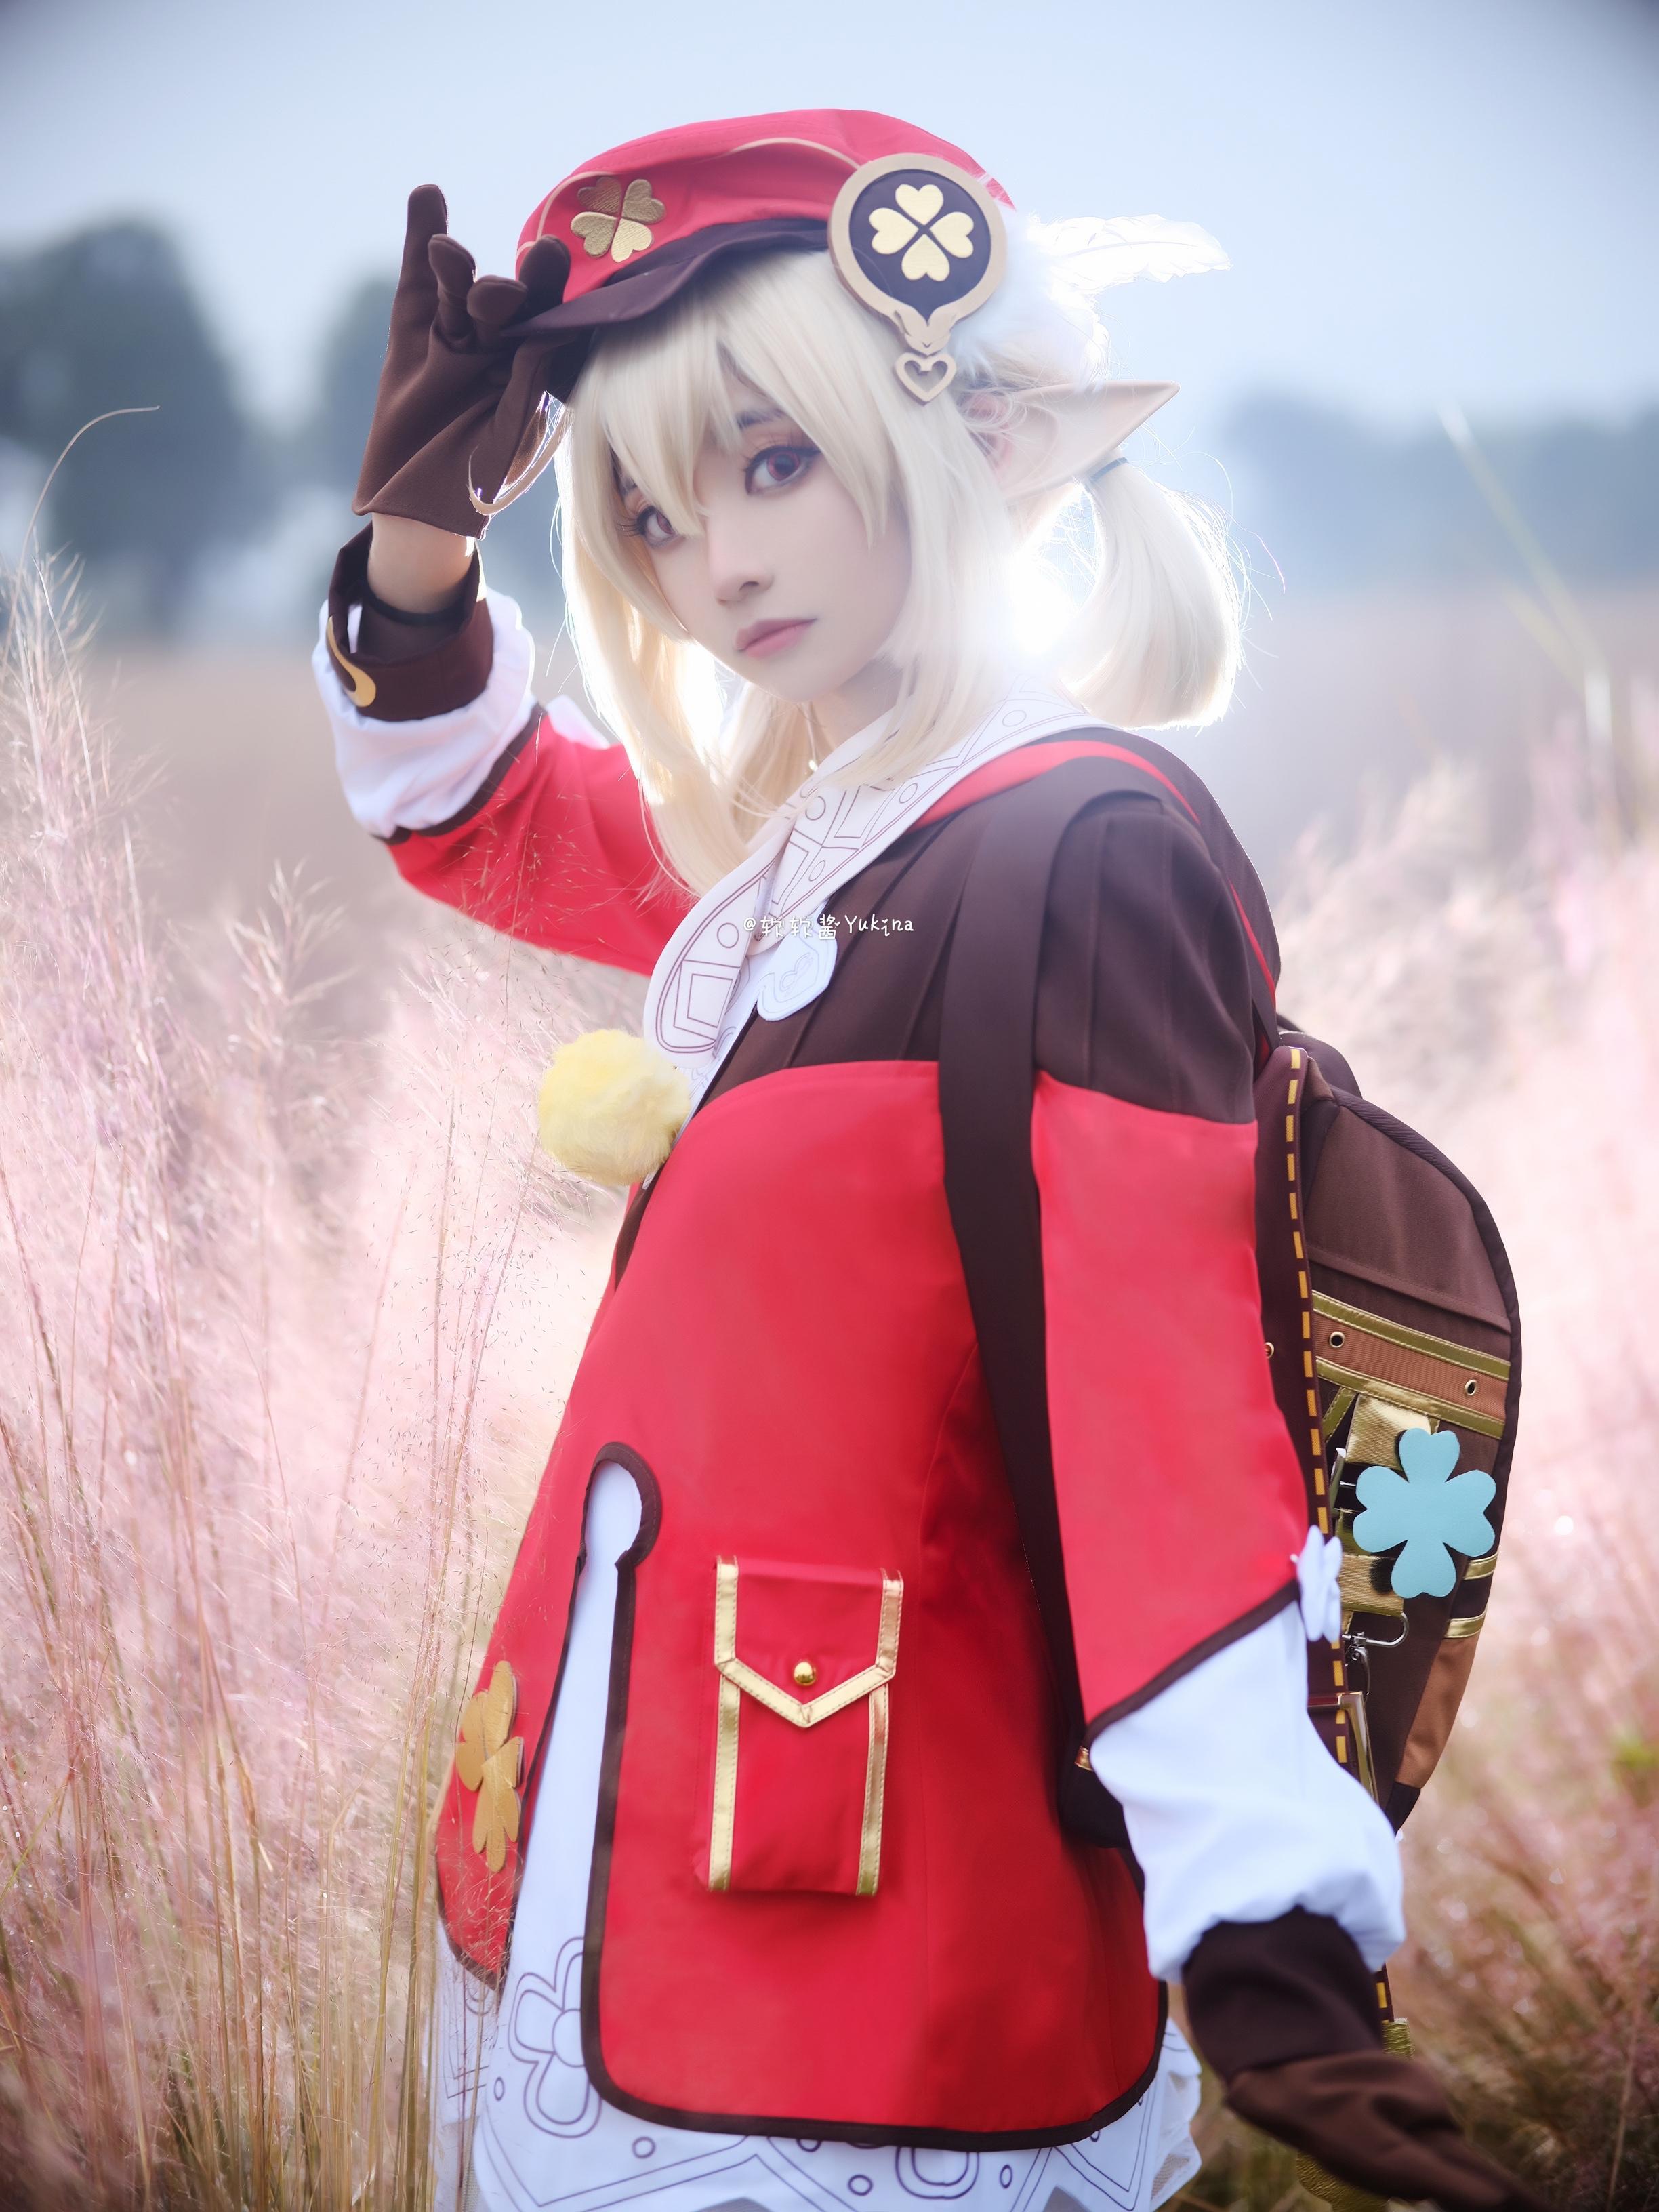 《原神》游戏cosplay【CN:软软酱Yukina】-第1张